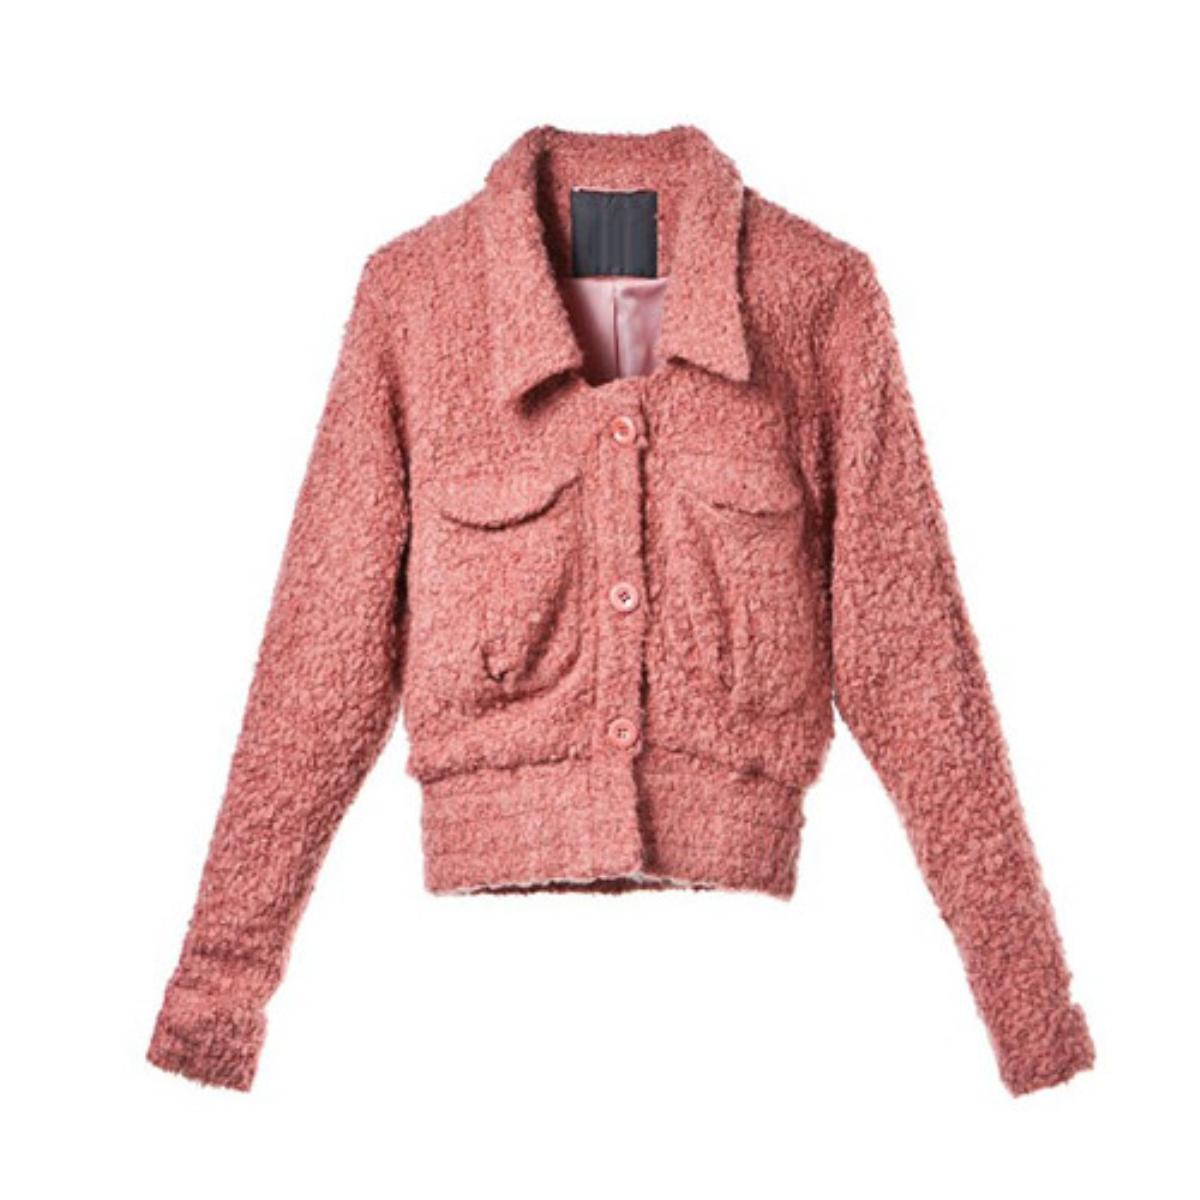 Pink Lapel Short Woolen Coat,Cheap in Wendybox.com